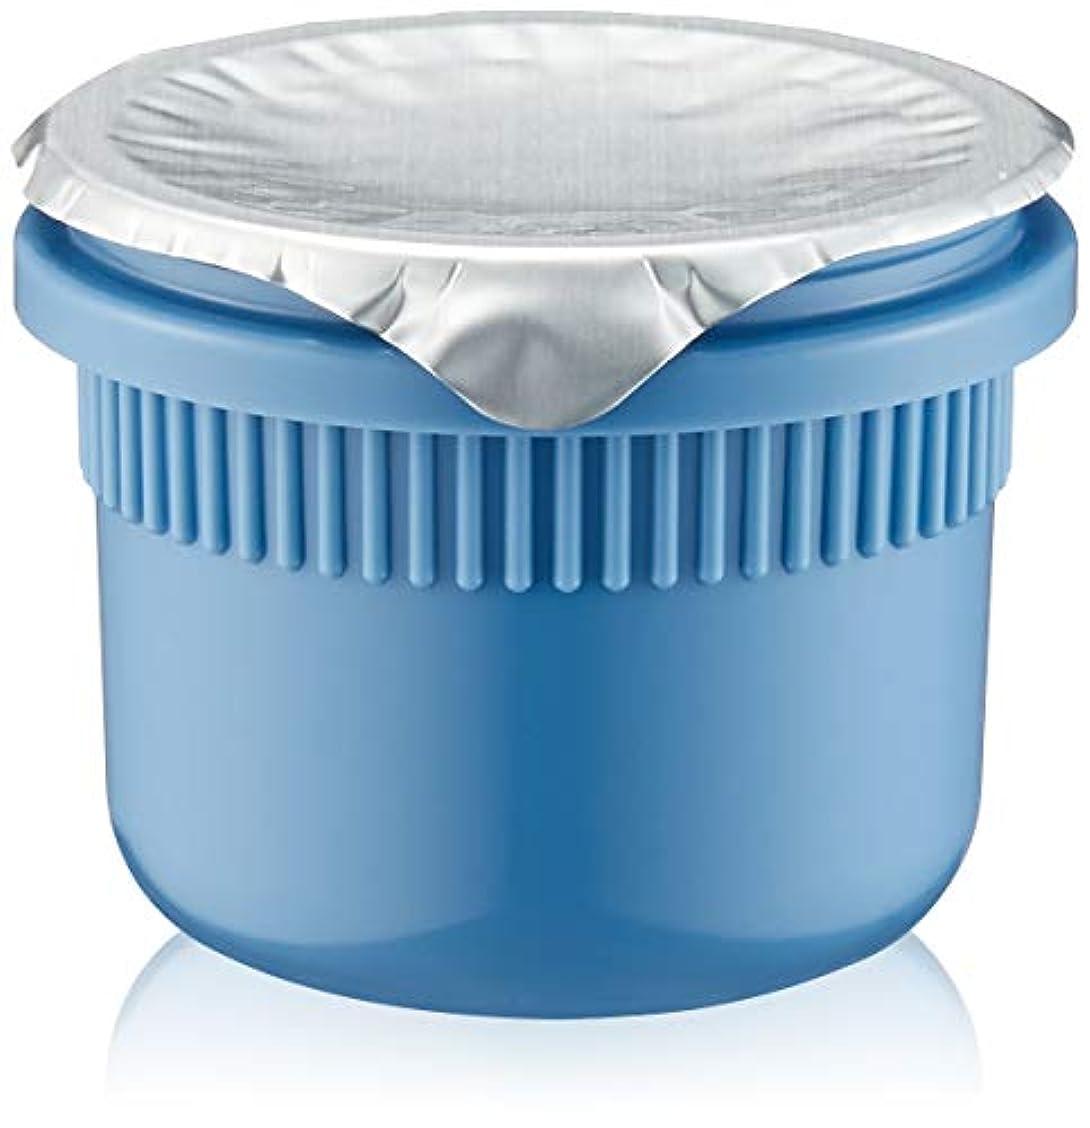 フラフープ支給単独でDECENCIA(ディセンシア)サエル ホワイトニング クリーム コンセントレートクリーム詰替え用